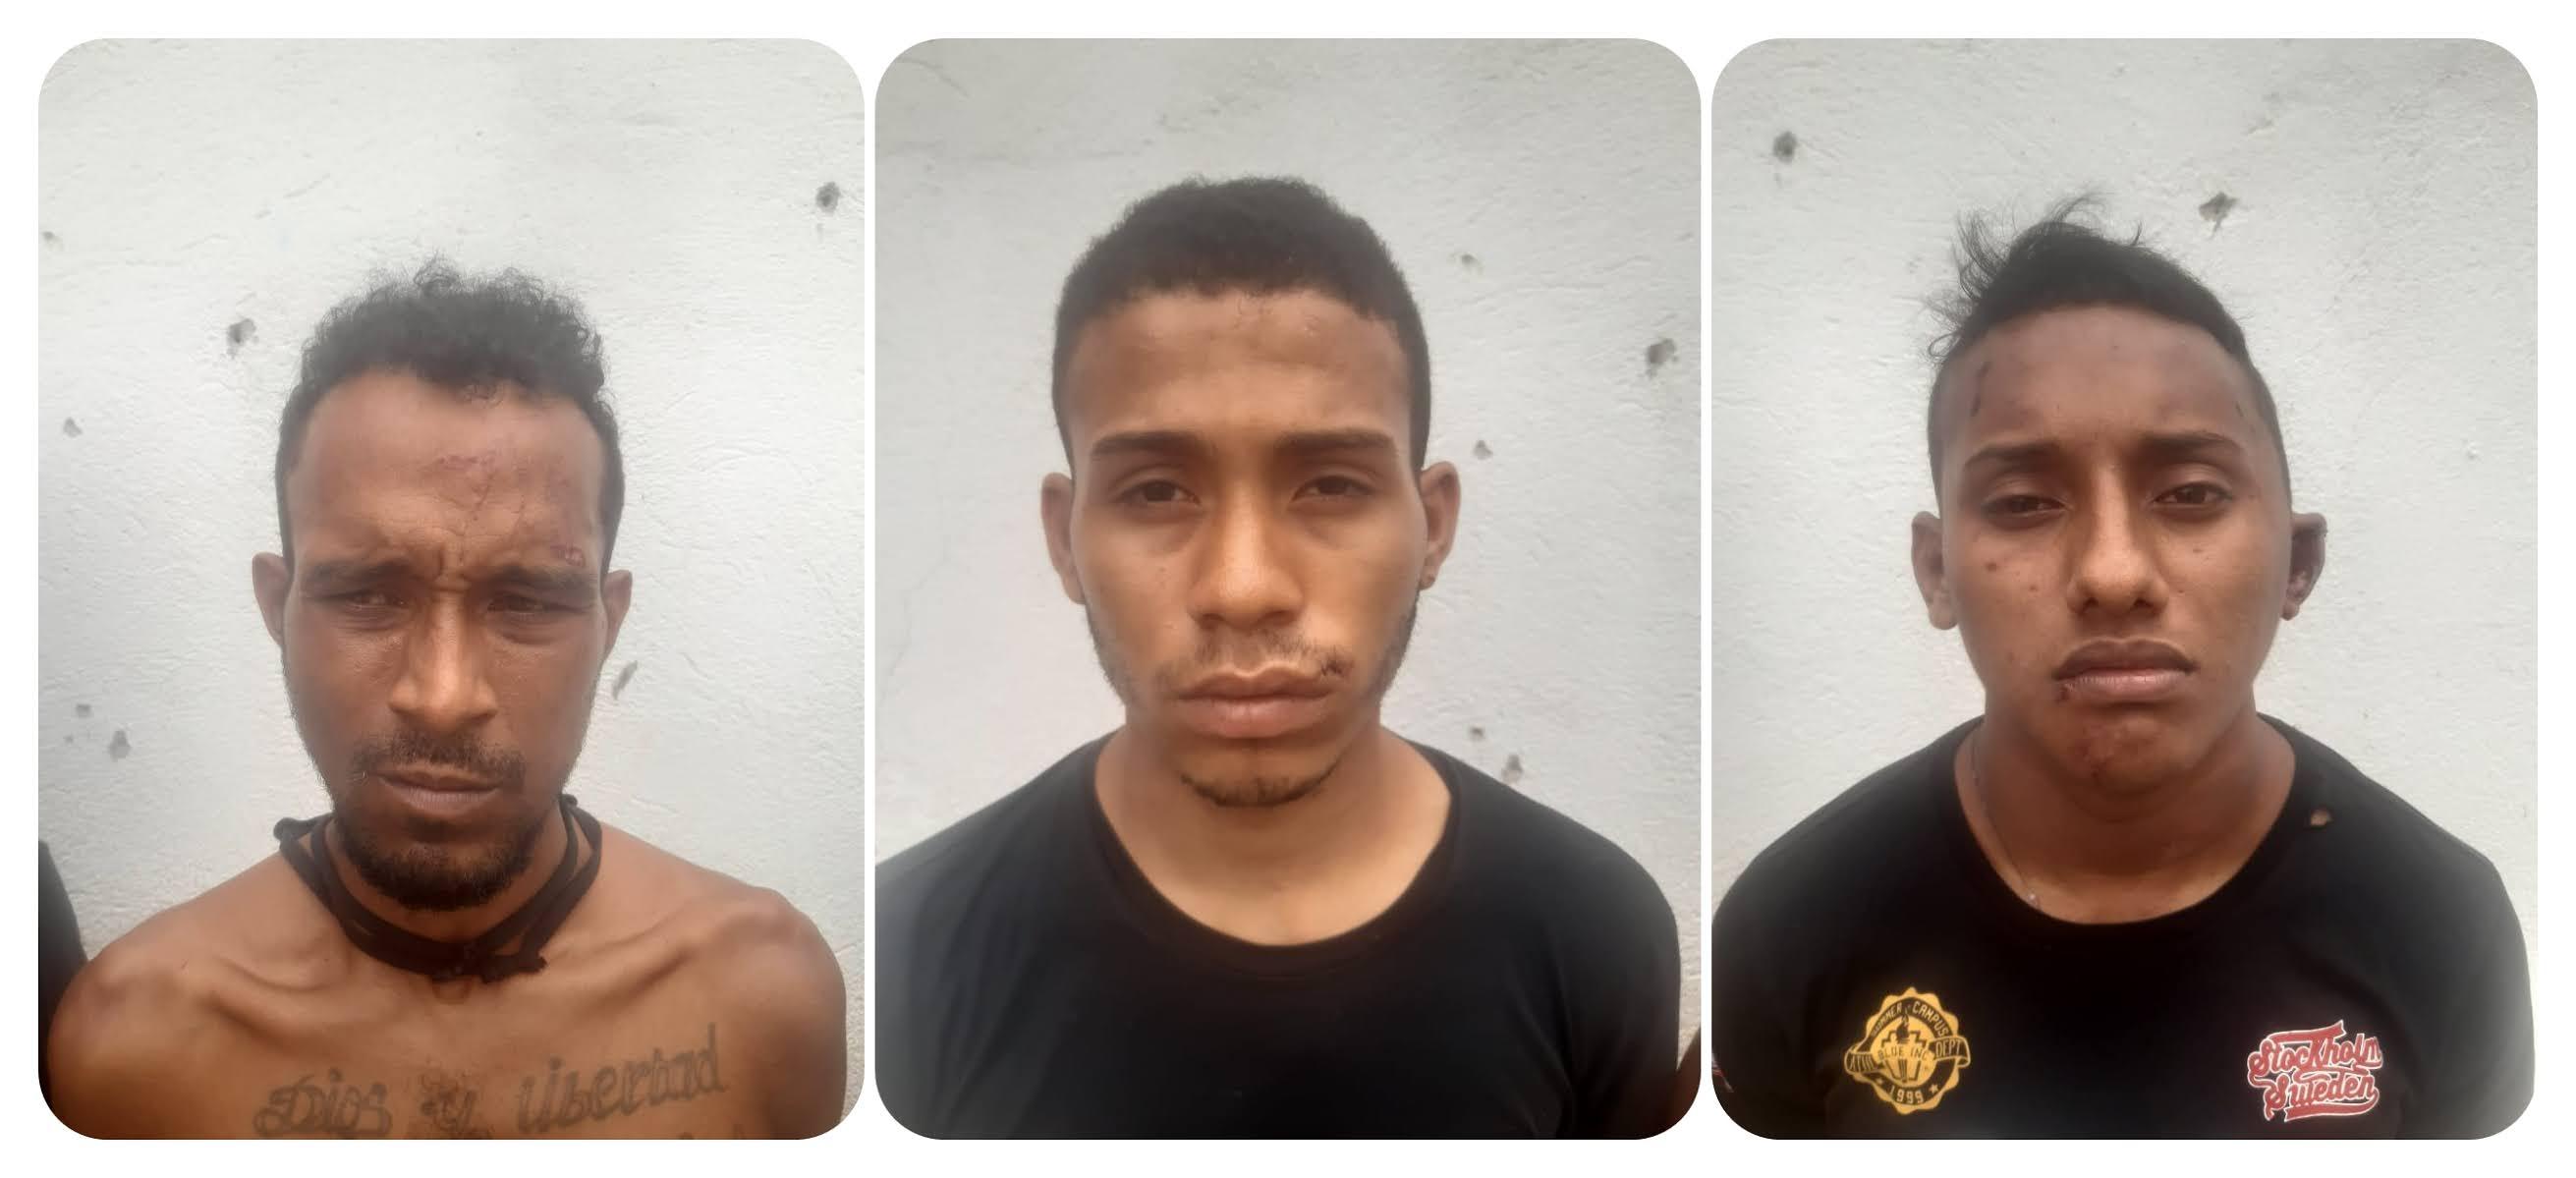 https://www.notasrosas.com/Tres personas que hurtaron una bicicleta, avaluada en 22 millones de pesos, fueron capturadas en Riohacha